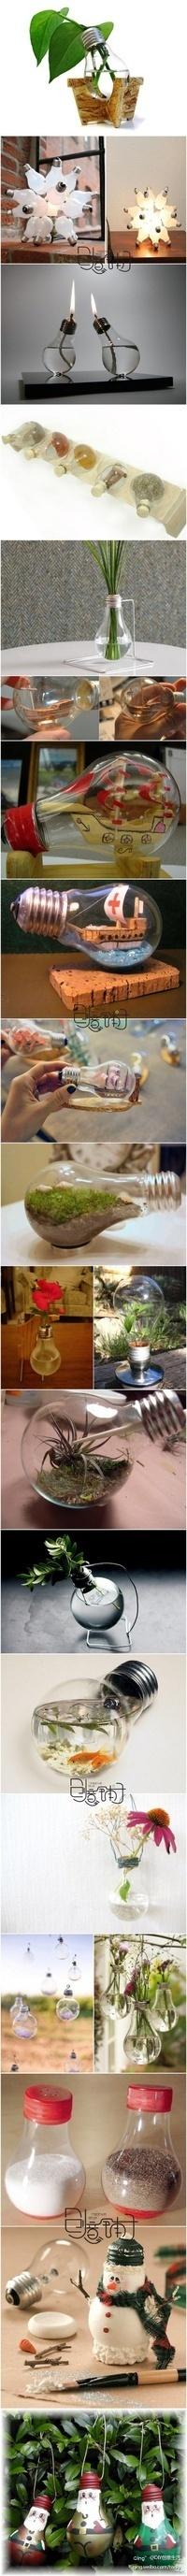 Artesanías / reciclaje | HTM_DIY - Artesanías | Scoop.it